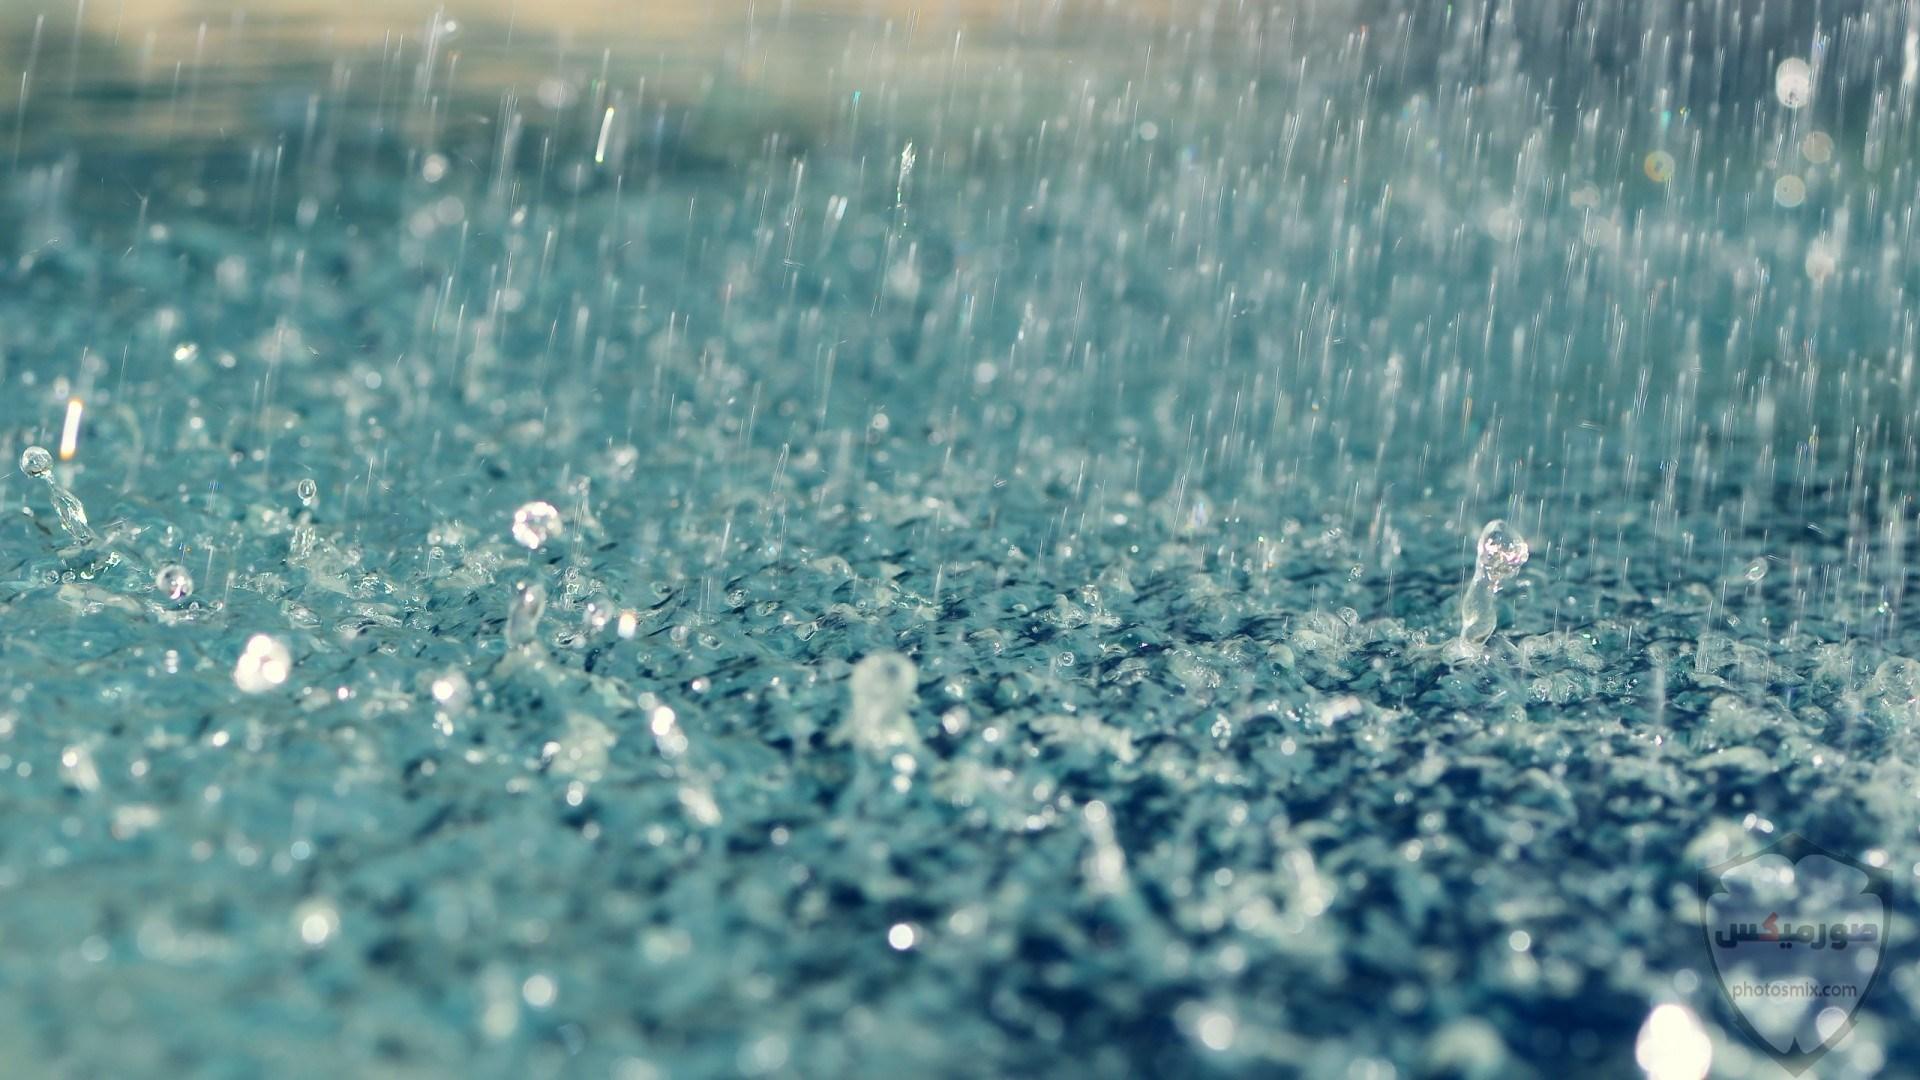 أجمل صور مطر 2020 HD أحلى خلفيات أمطار للفيس بوك والواتس آب 1